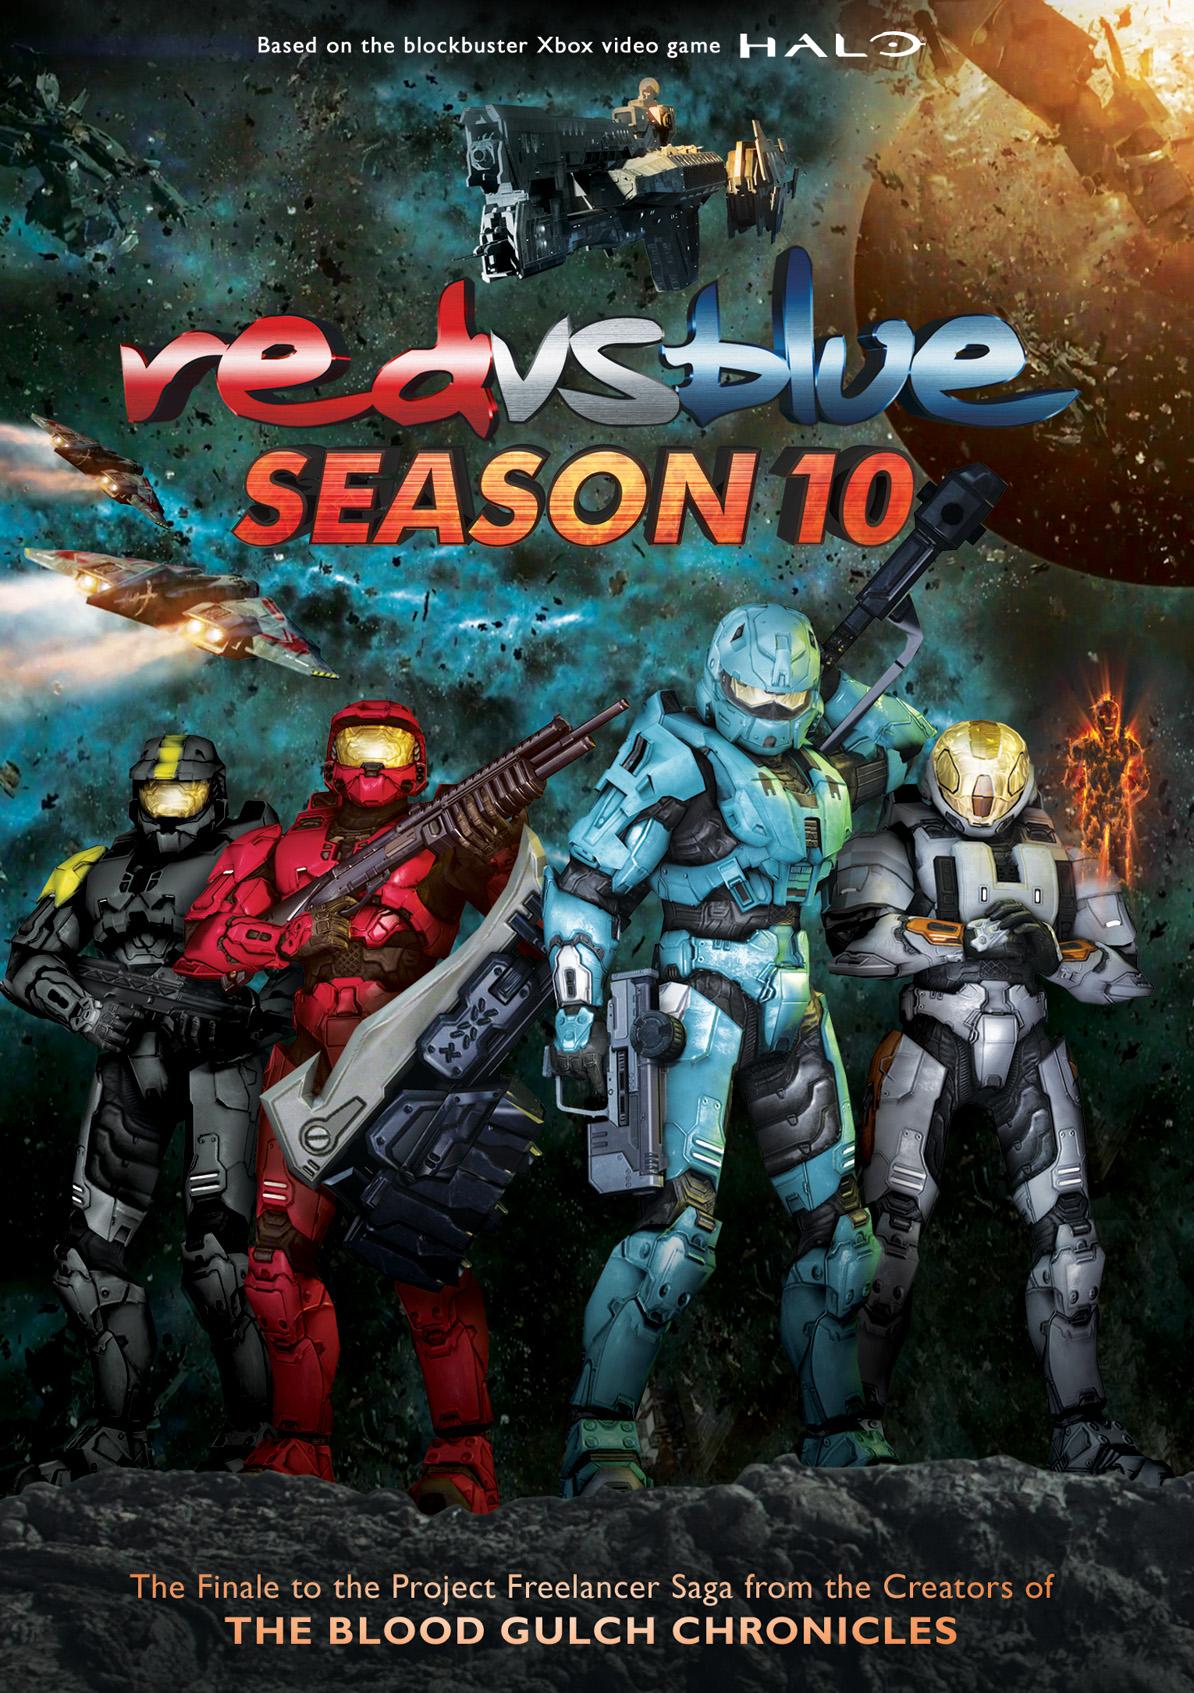 Rvb Season 10 Wallpaper Red Vs Blue Season 10 1205172 Hd